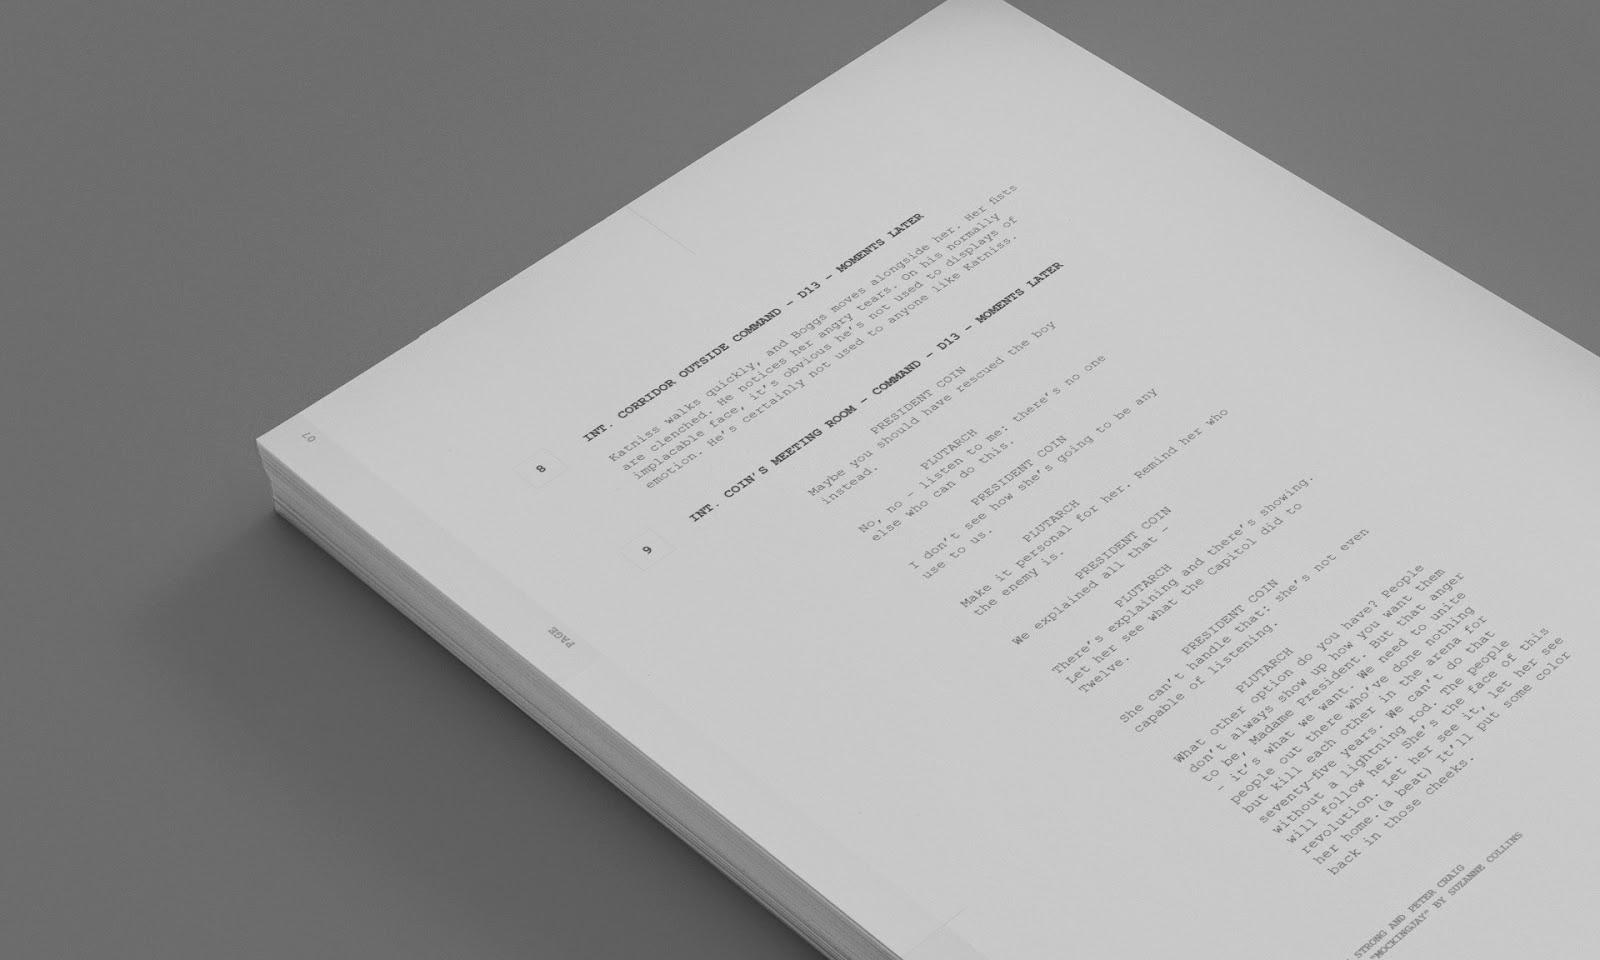 mockingjay part 1 script pdf